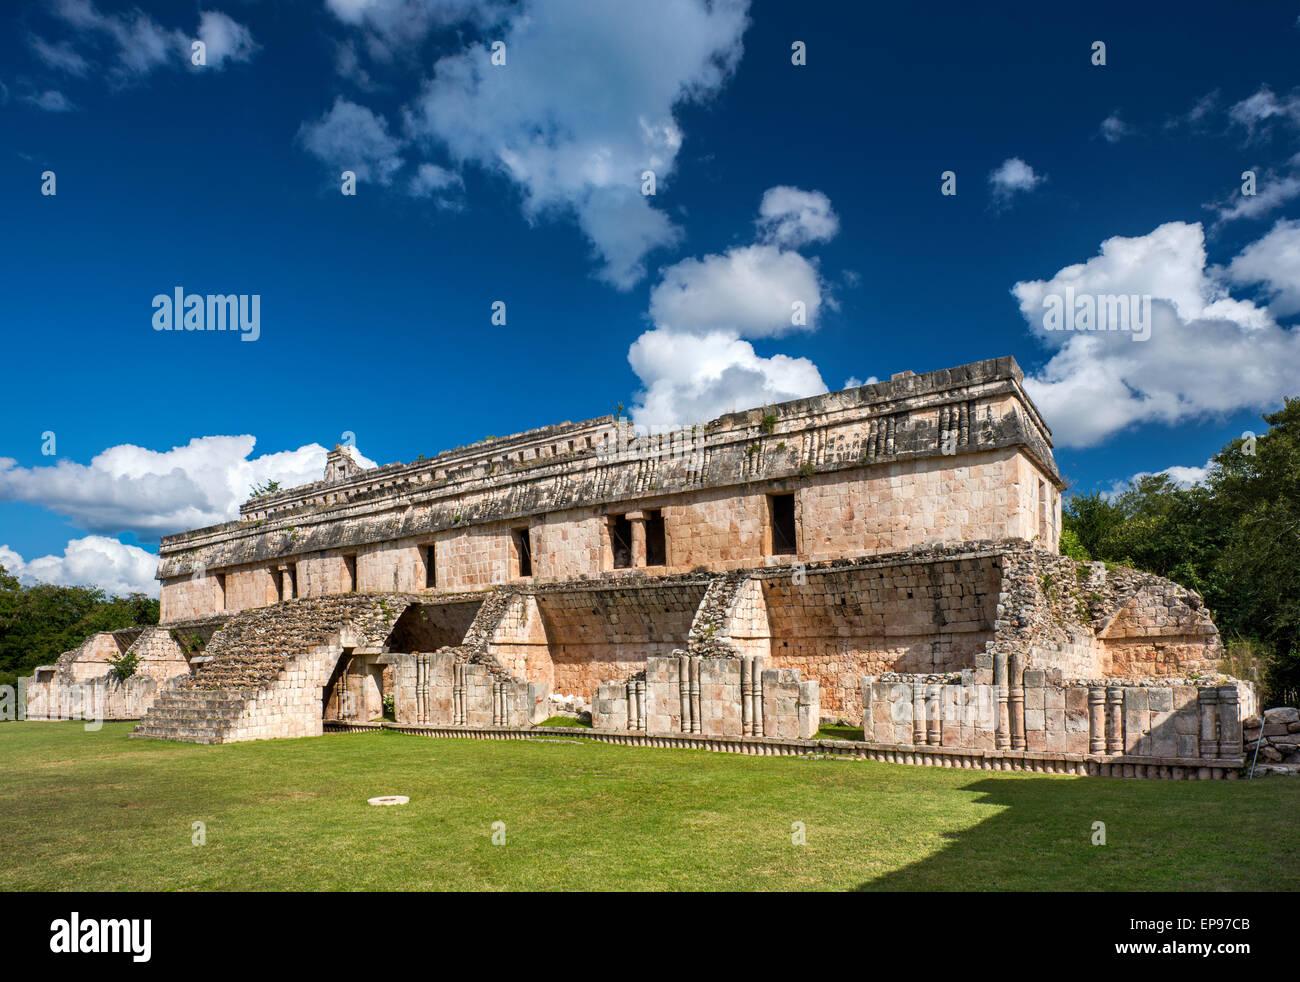 El Palacio, Maya ruins at Kabah archaelogical site, Ruta Puuc, Yucatan state, Mexico - Stock Image